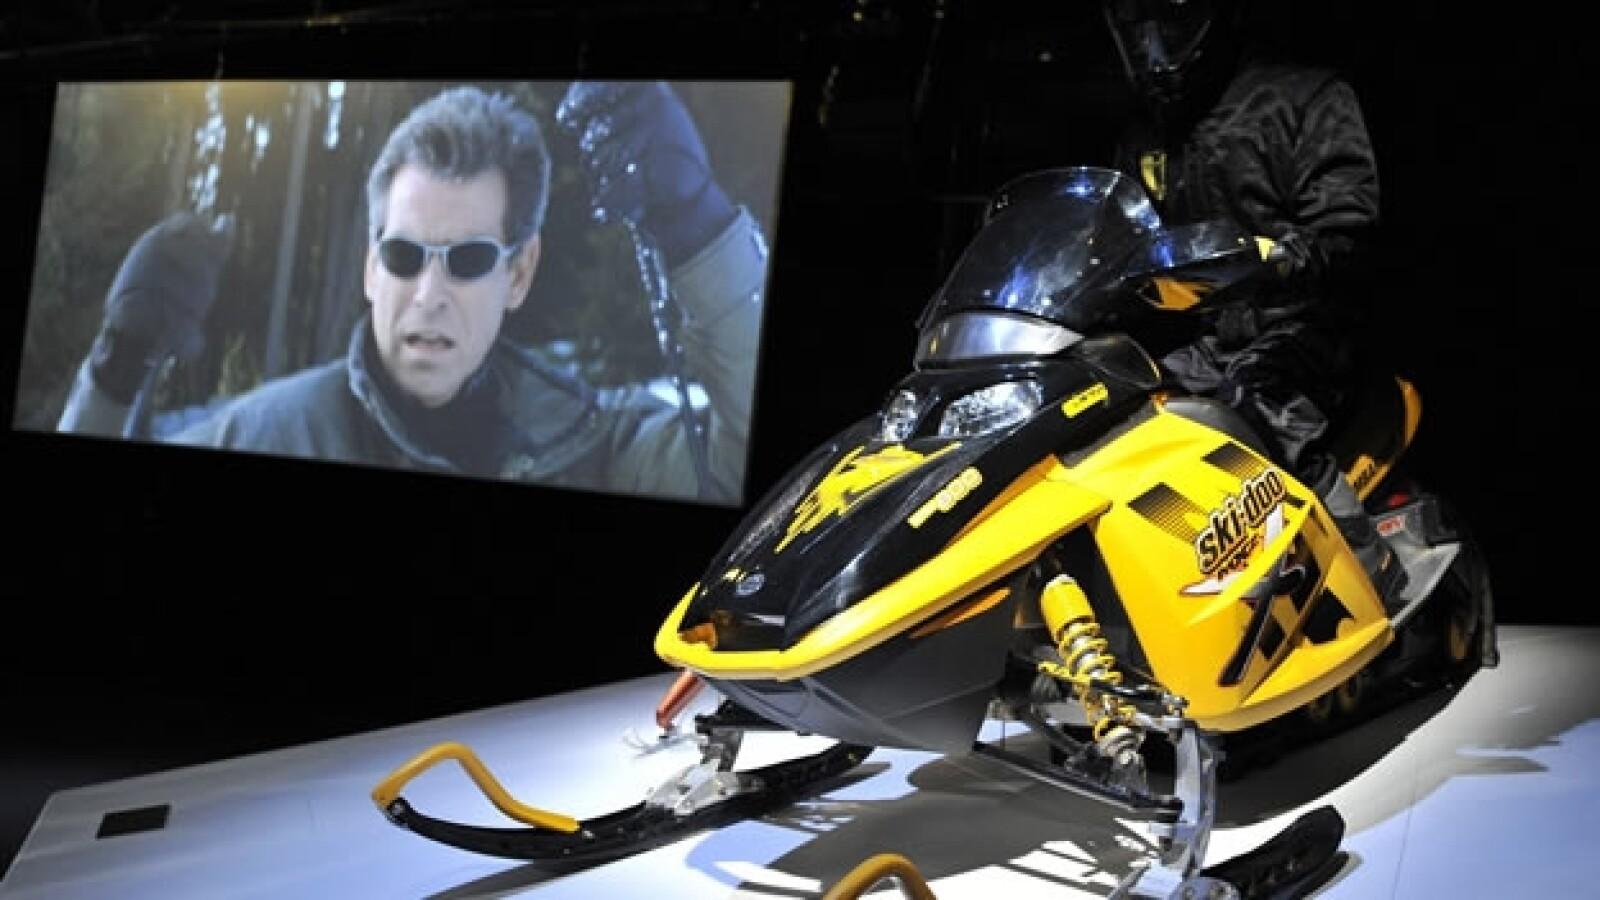 moto de nieve usada en la pelicula El mundo no es suficiente